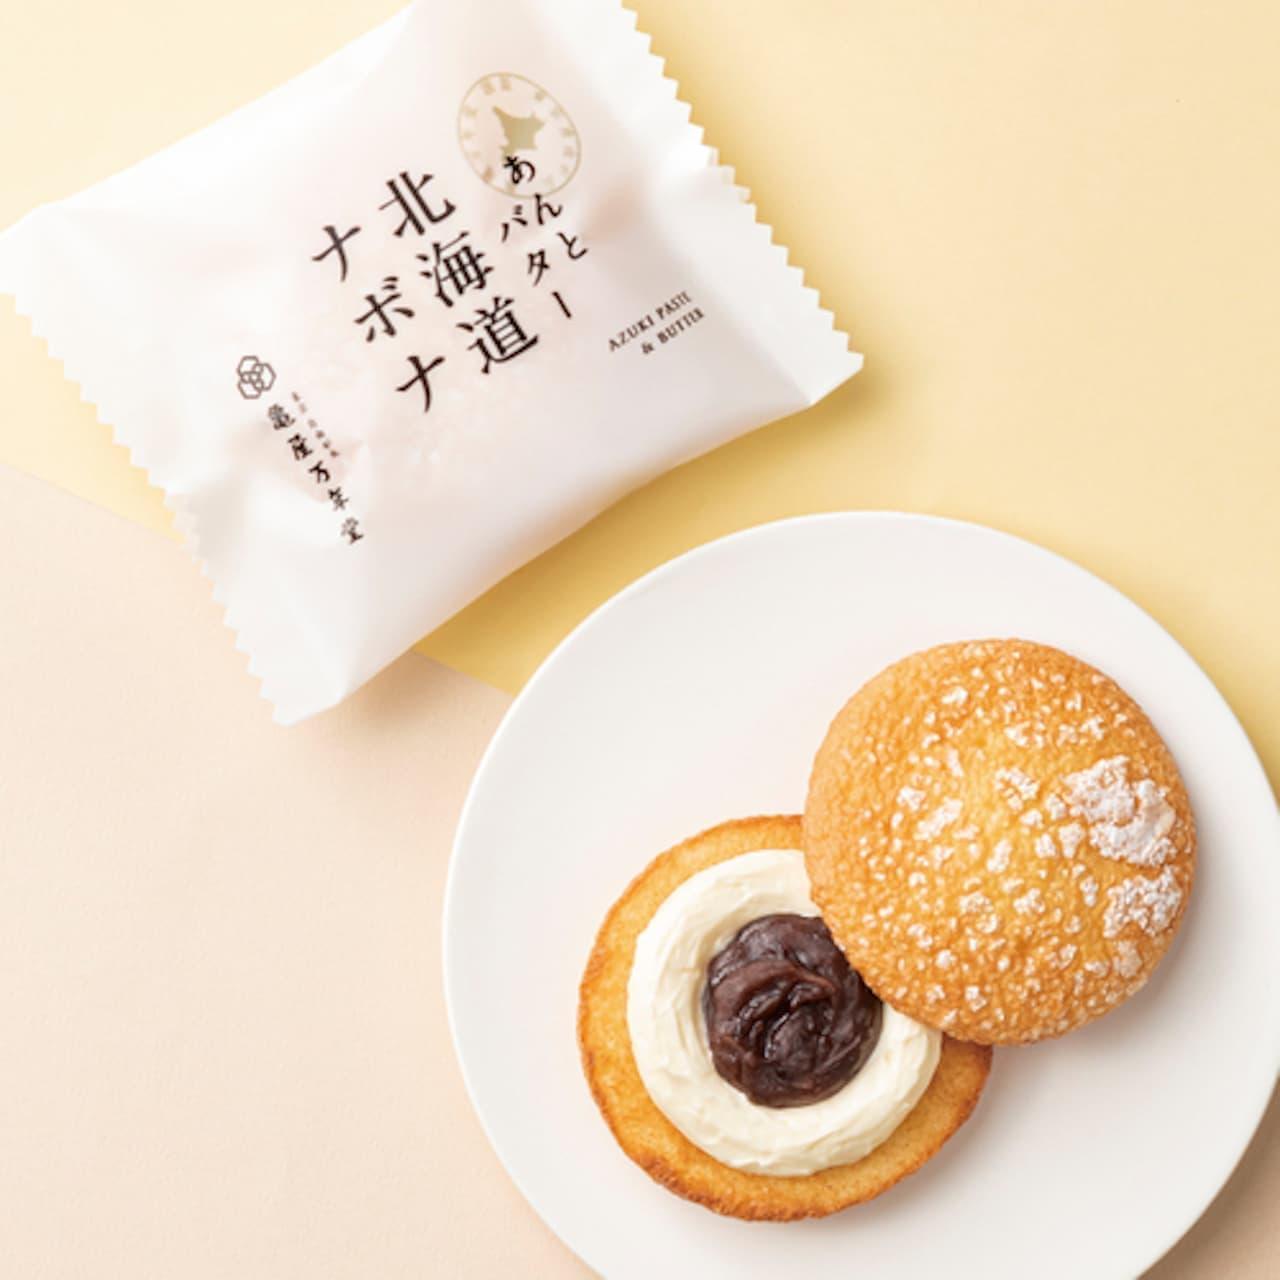 亀屋万年堂「北海道ナボナあんとバター」